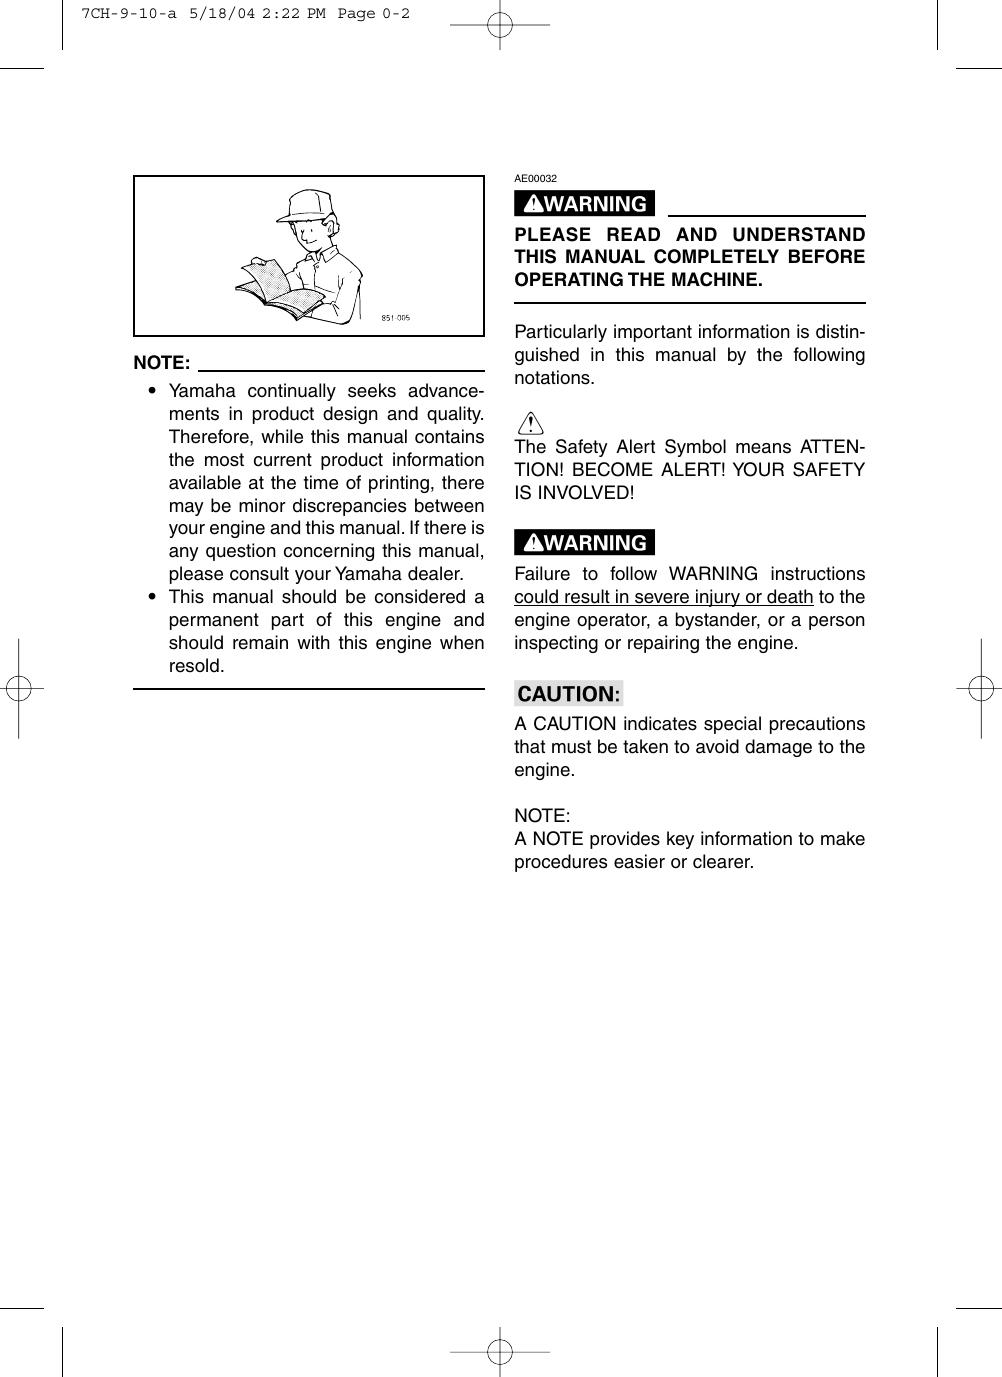 Yamaha Ef3000Ise Ef3000Iseb Owners Manual EF3000iSE/B Owner's on